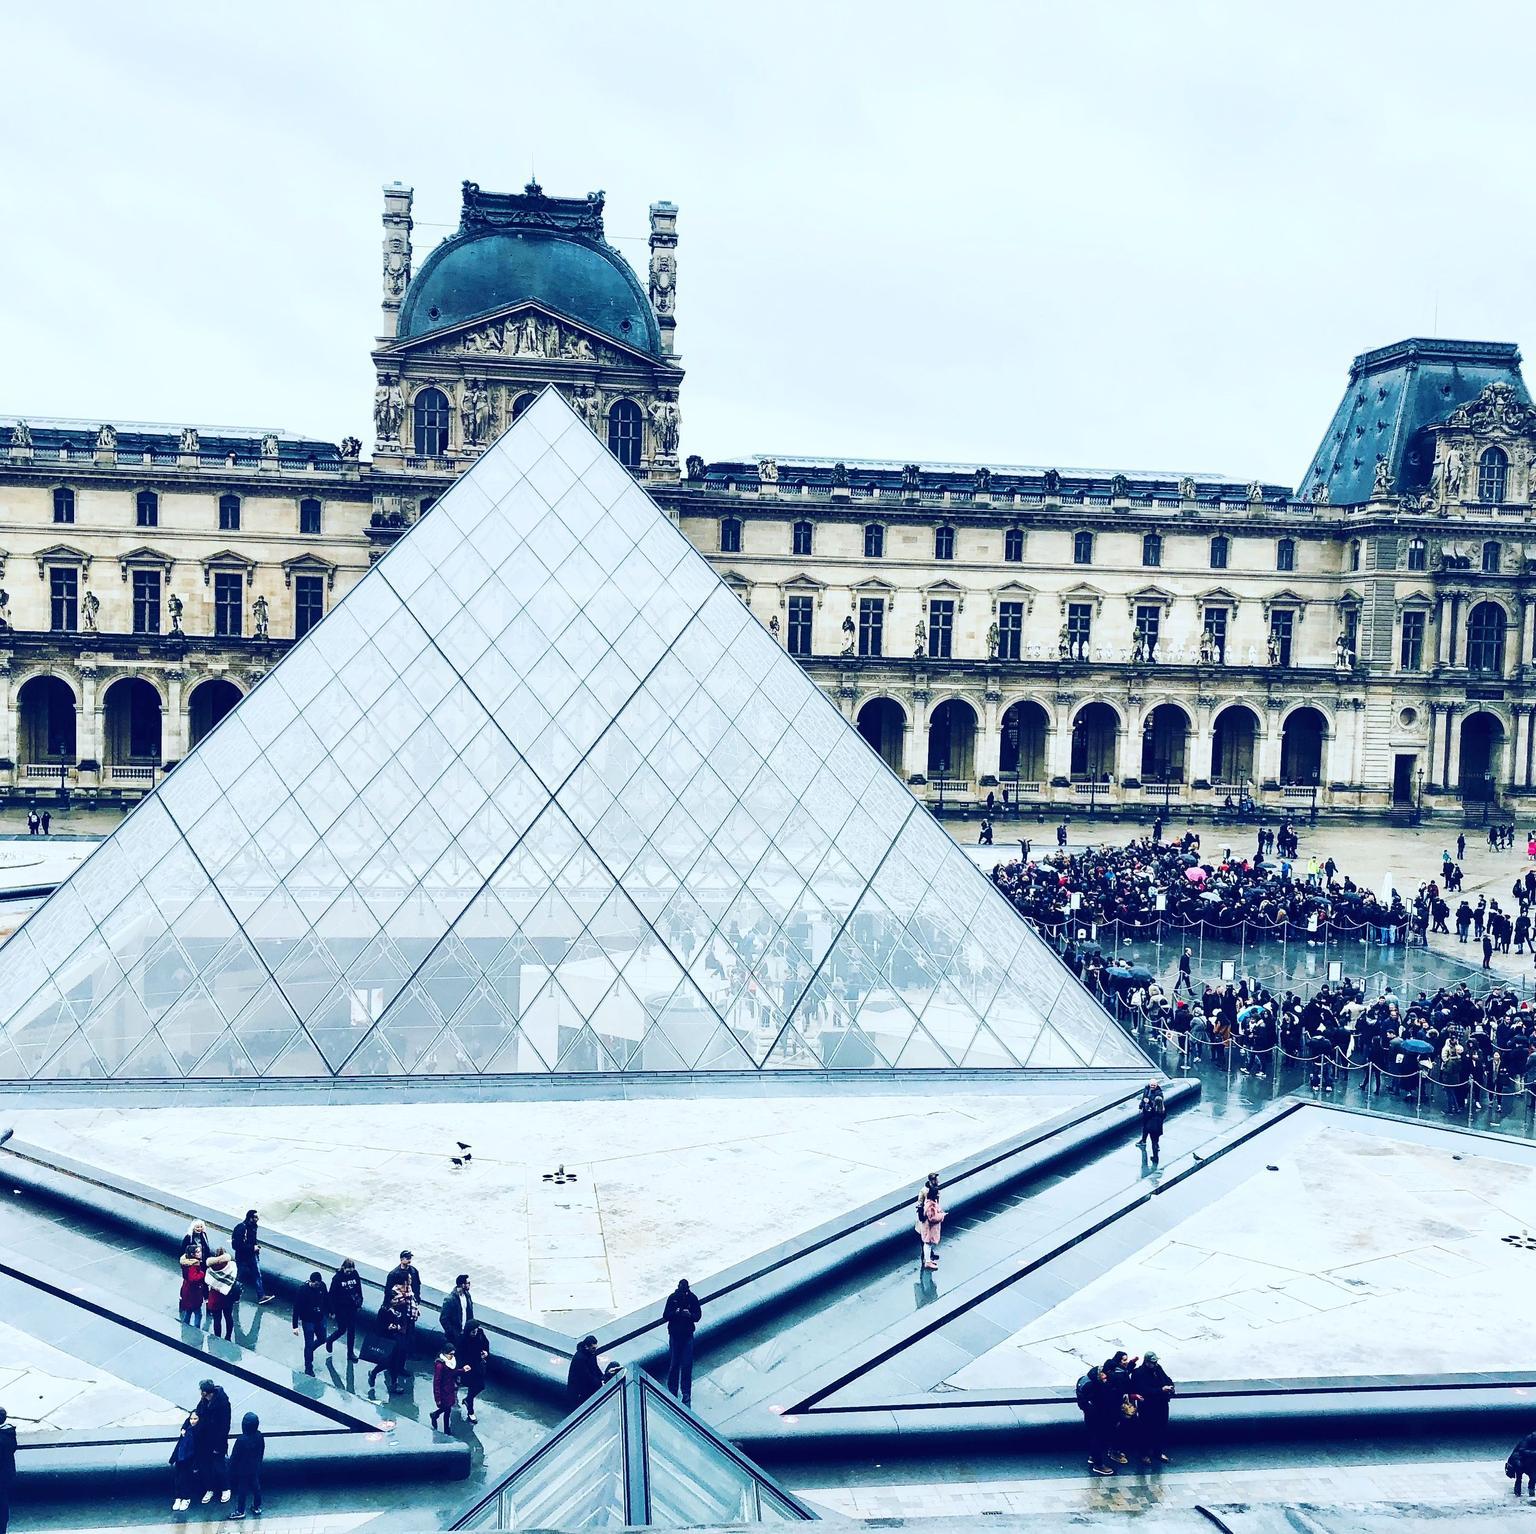 MORE PHOTOS, Louvre Museum Skip the Line Access Guided Tour with Venus de Milo & Mona Lisa